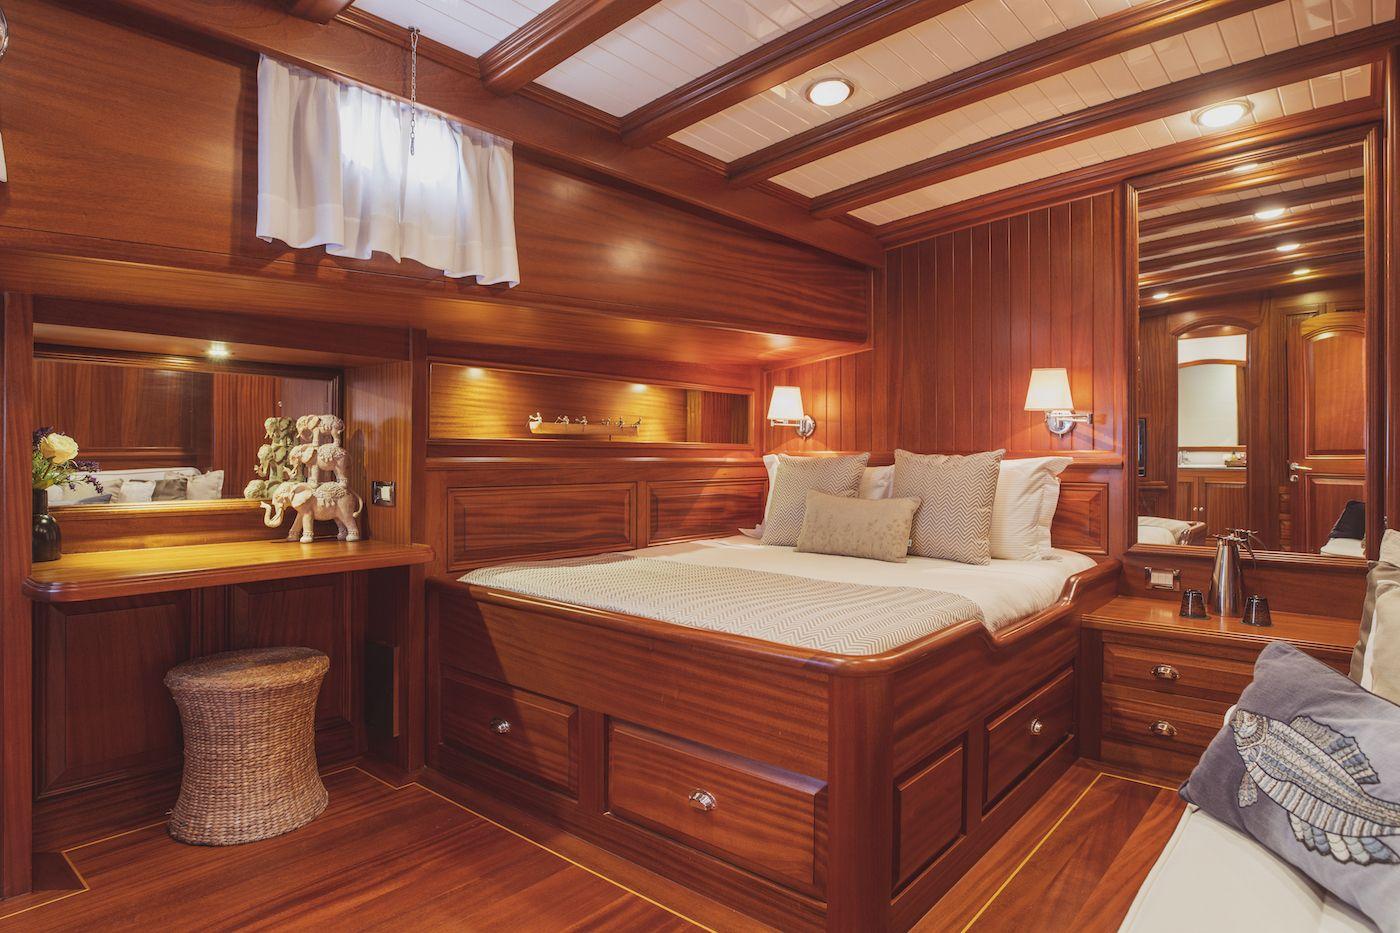 HIC SALTA Cabin